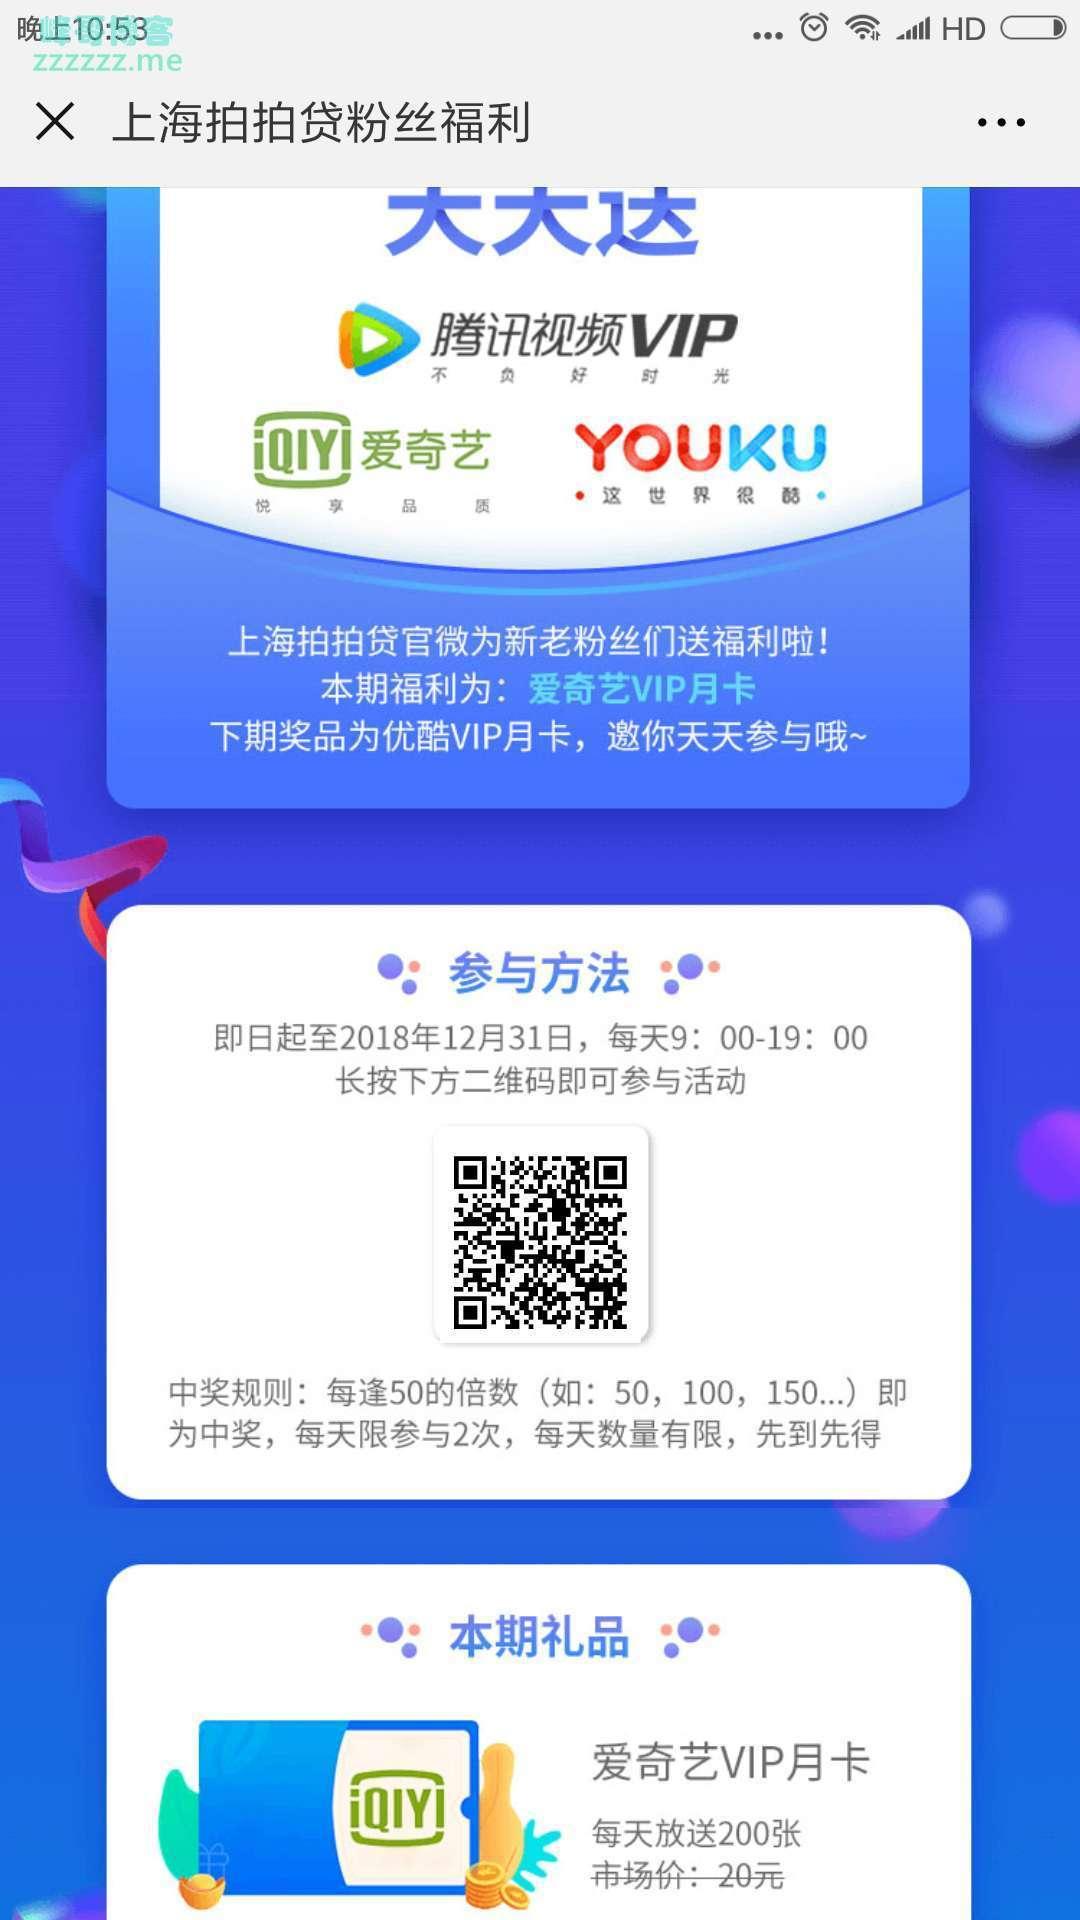 <上海拍拍贷>免费送爱奇艺会员(截至12月31日)